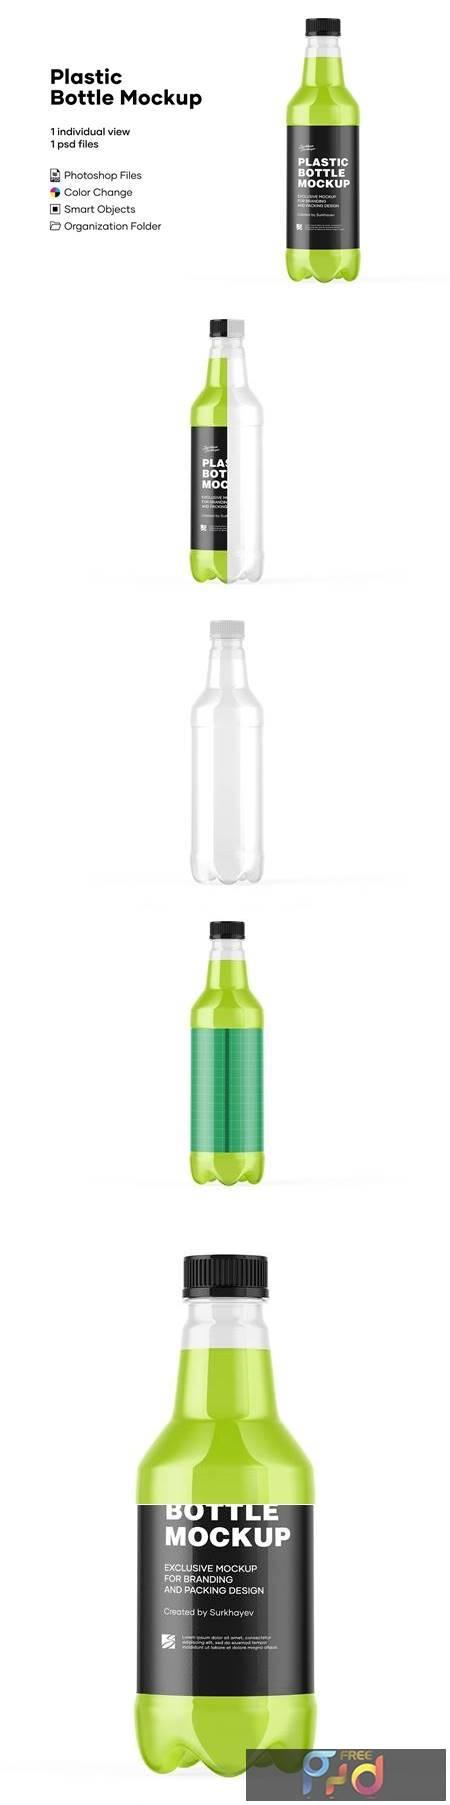 Plastic Drink Bottle Mockup 5242149 1